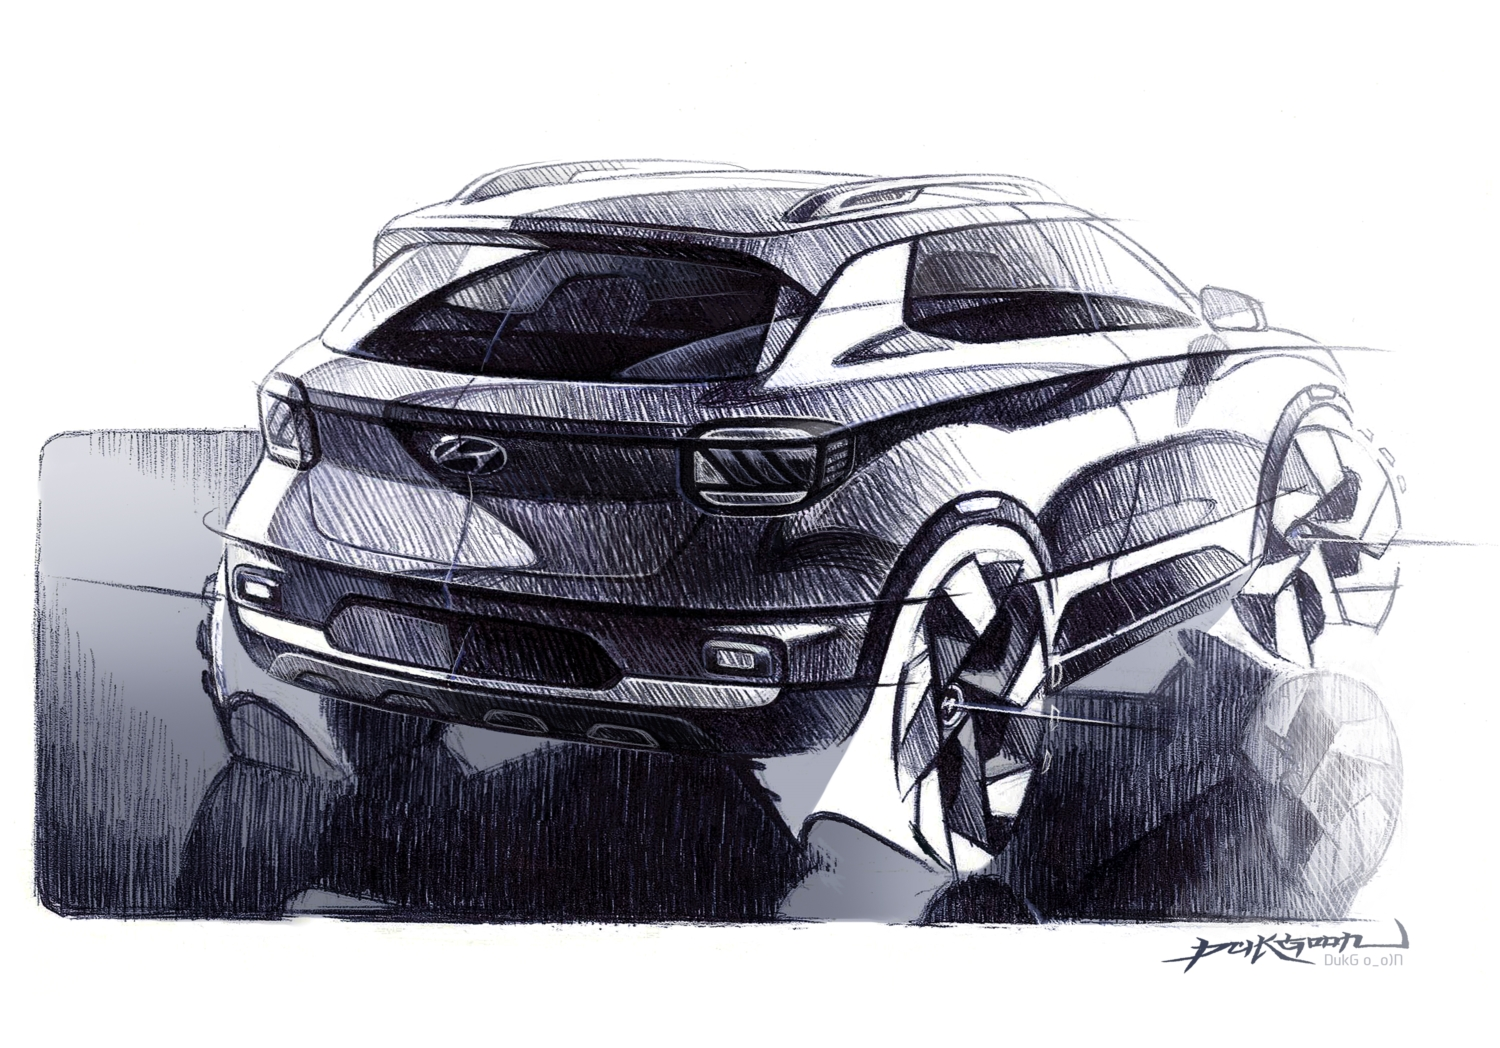 Hyundai Venue Rear View Sketch